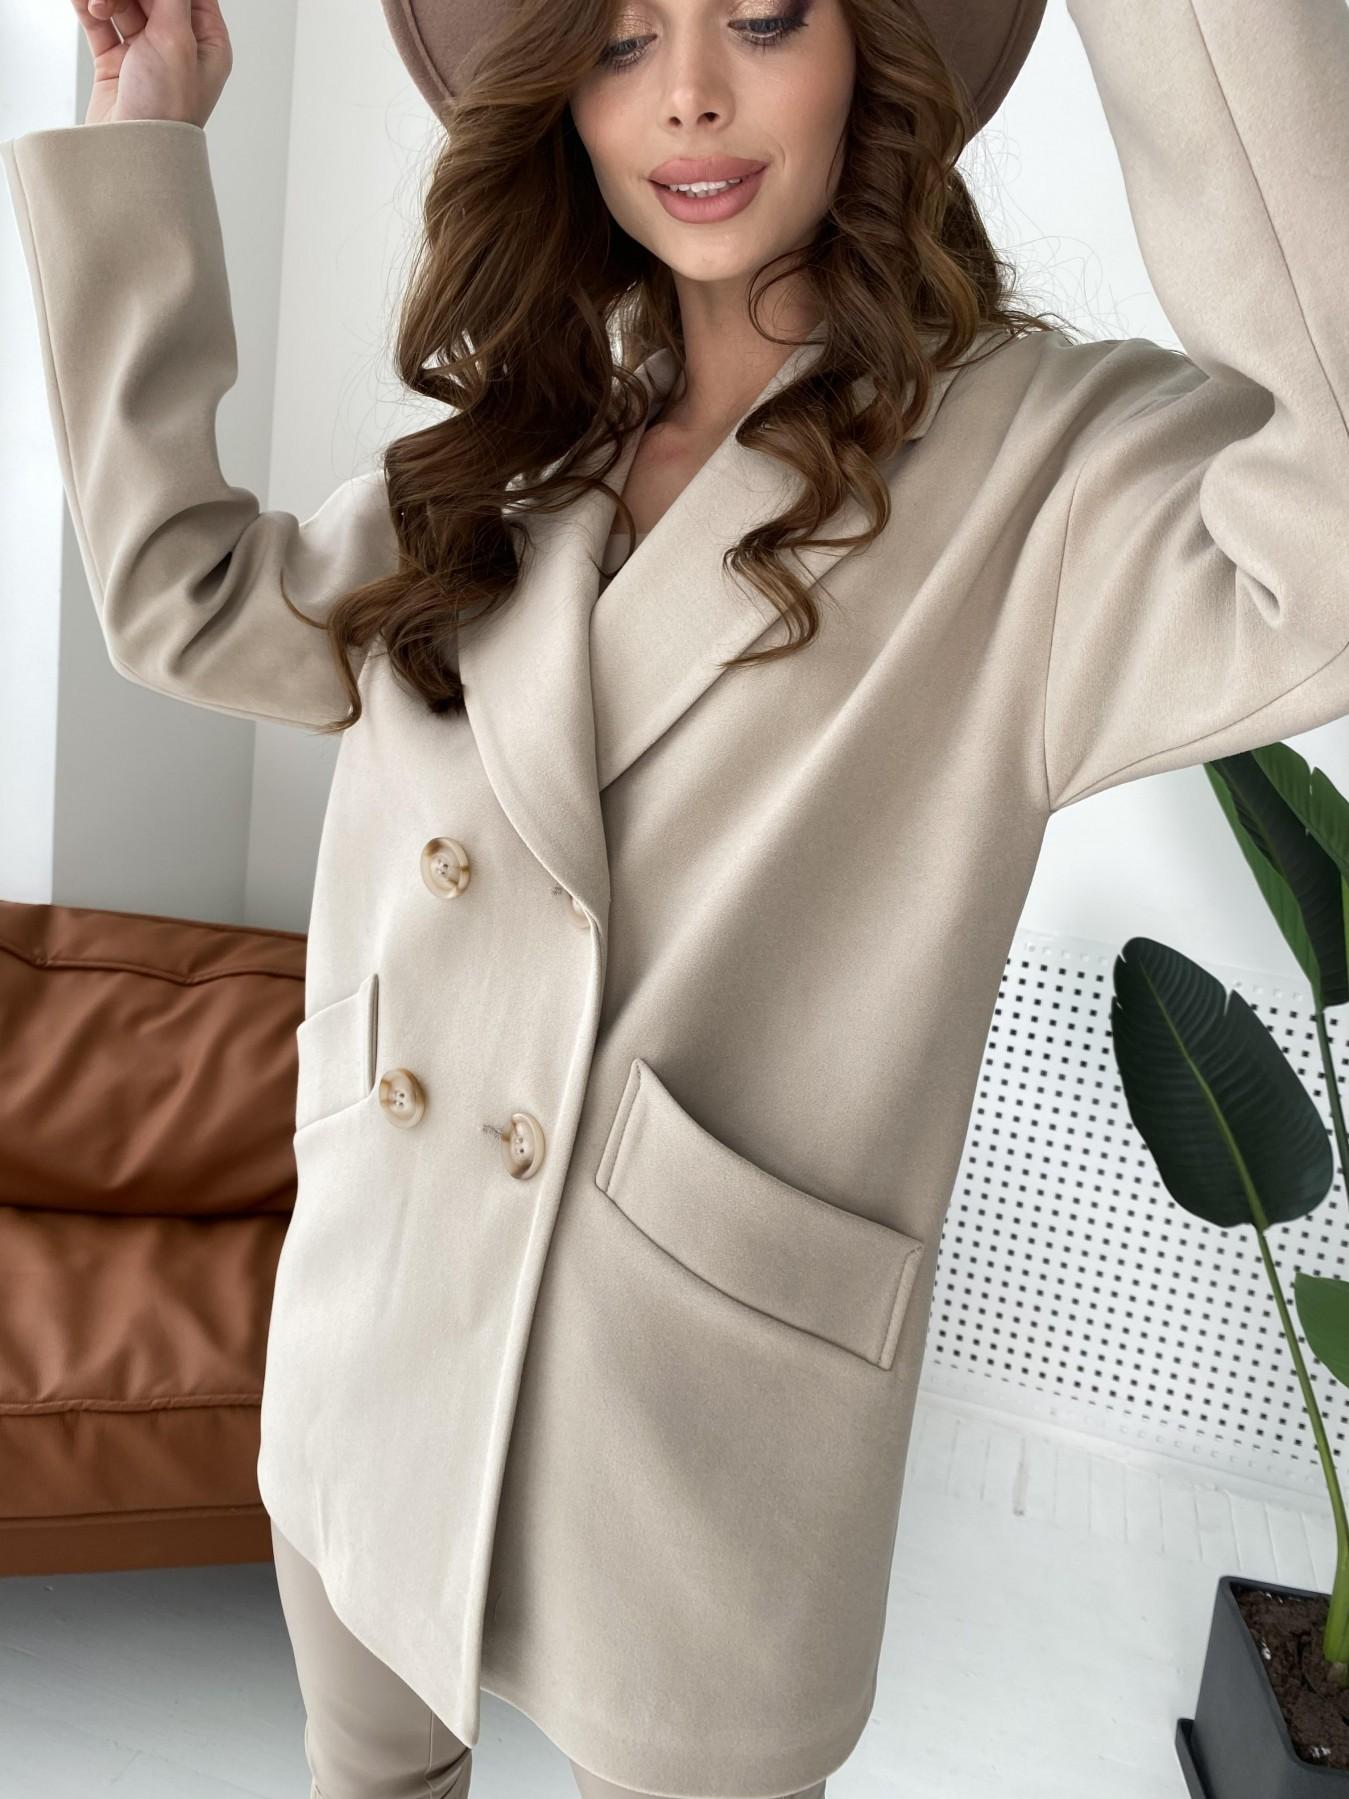 Бонд пальто из кашемира  10571 АРТ. 46992 Цвет: Бежевый Светлый - фото 2, интернет магазин tm-modus.ru